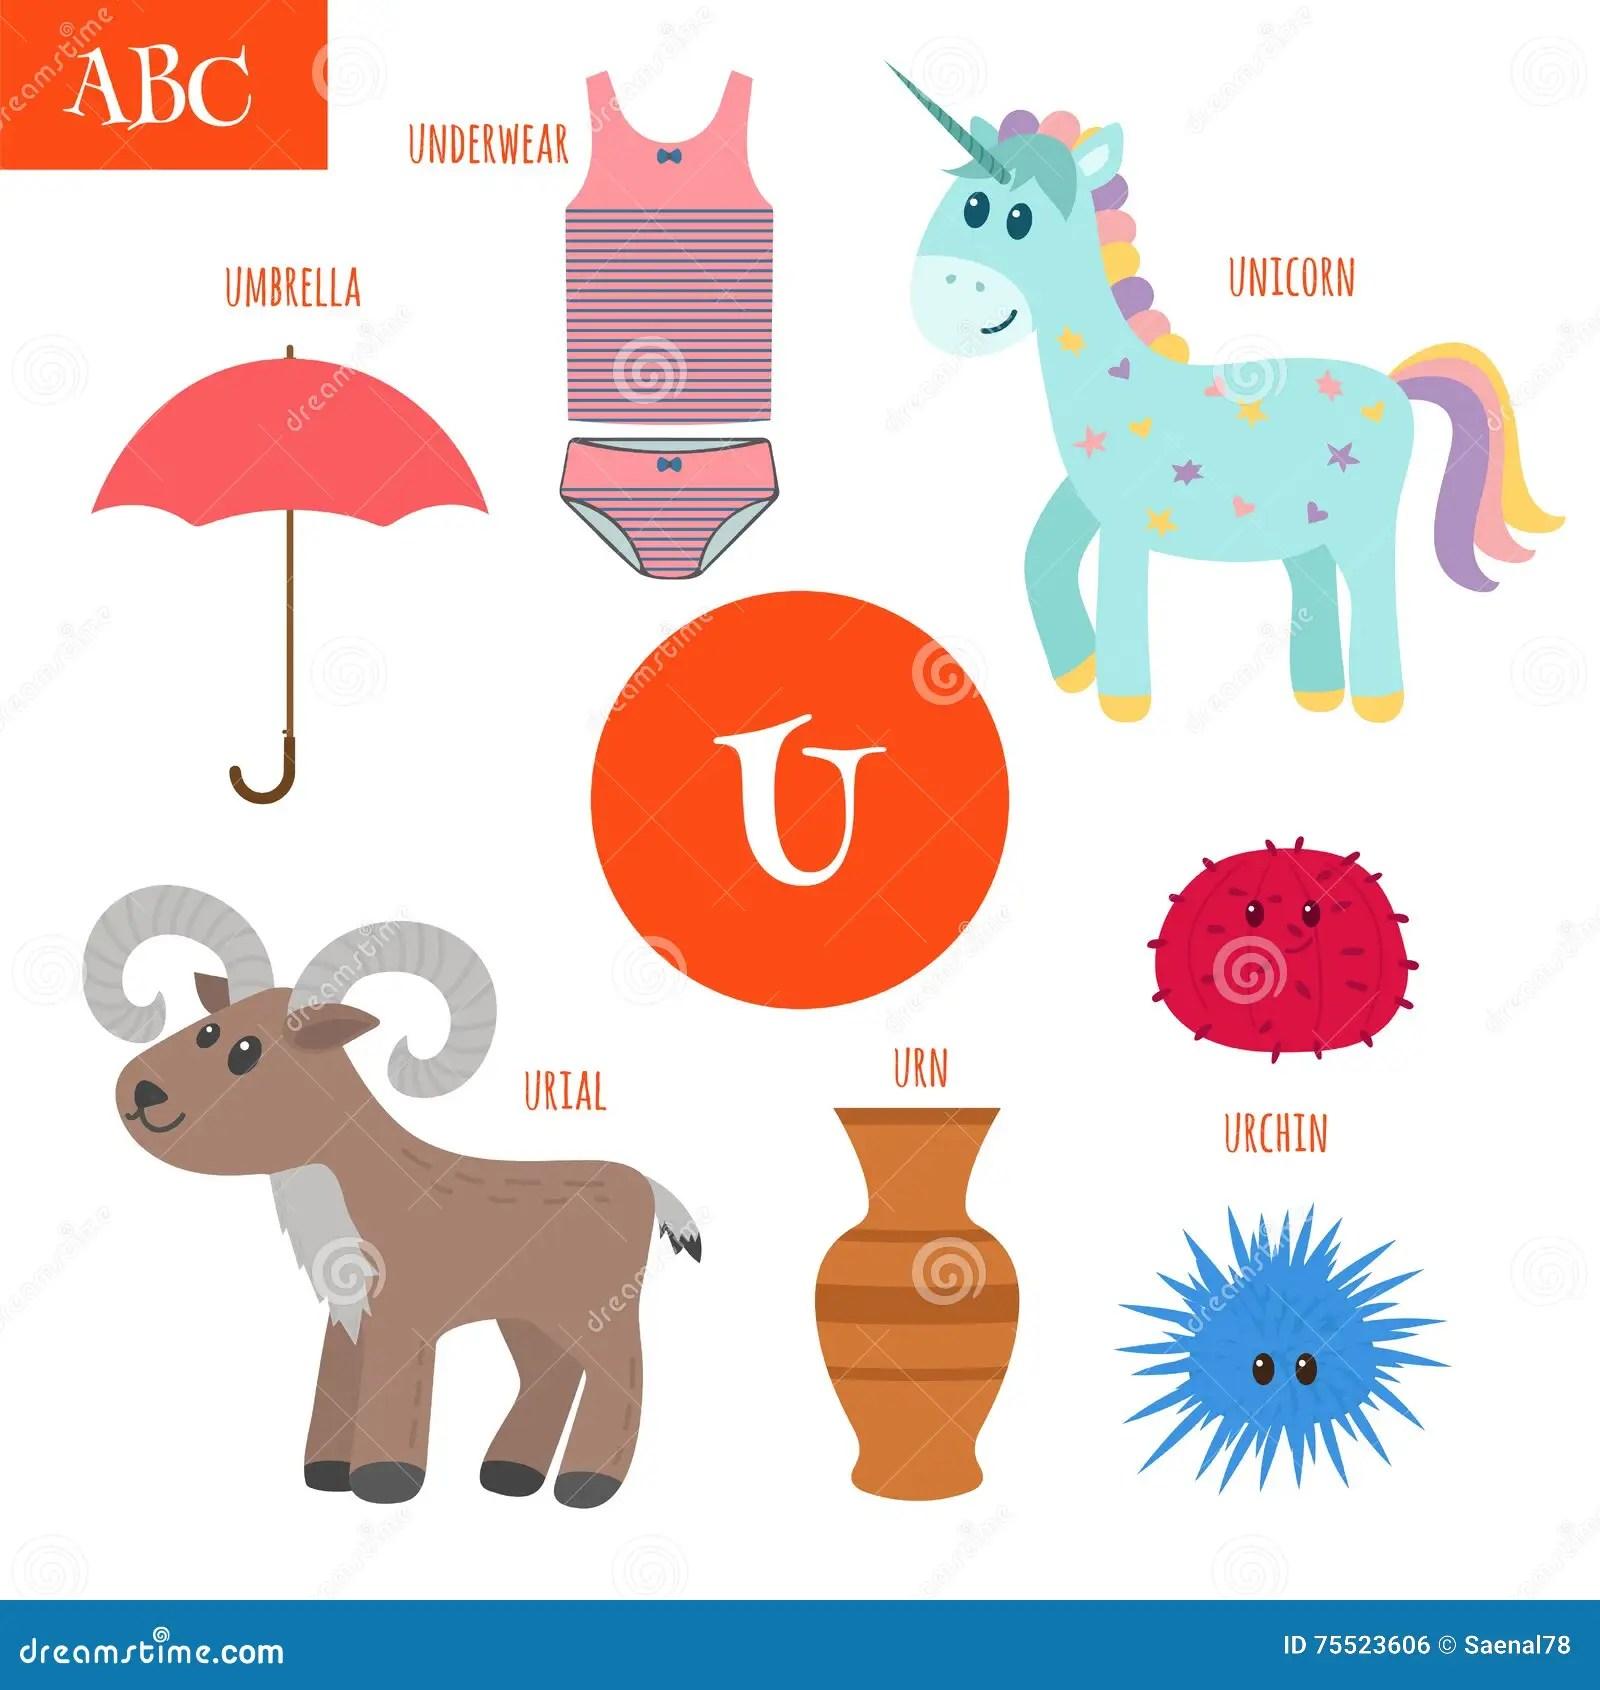 Letter U Cartoon Alphabet For Children Unicorn Umbrella